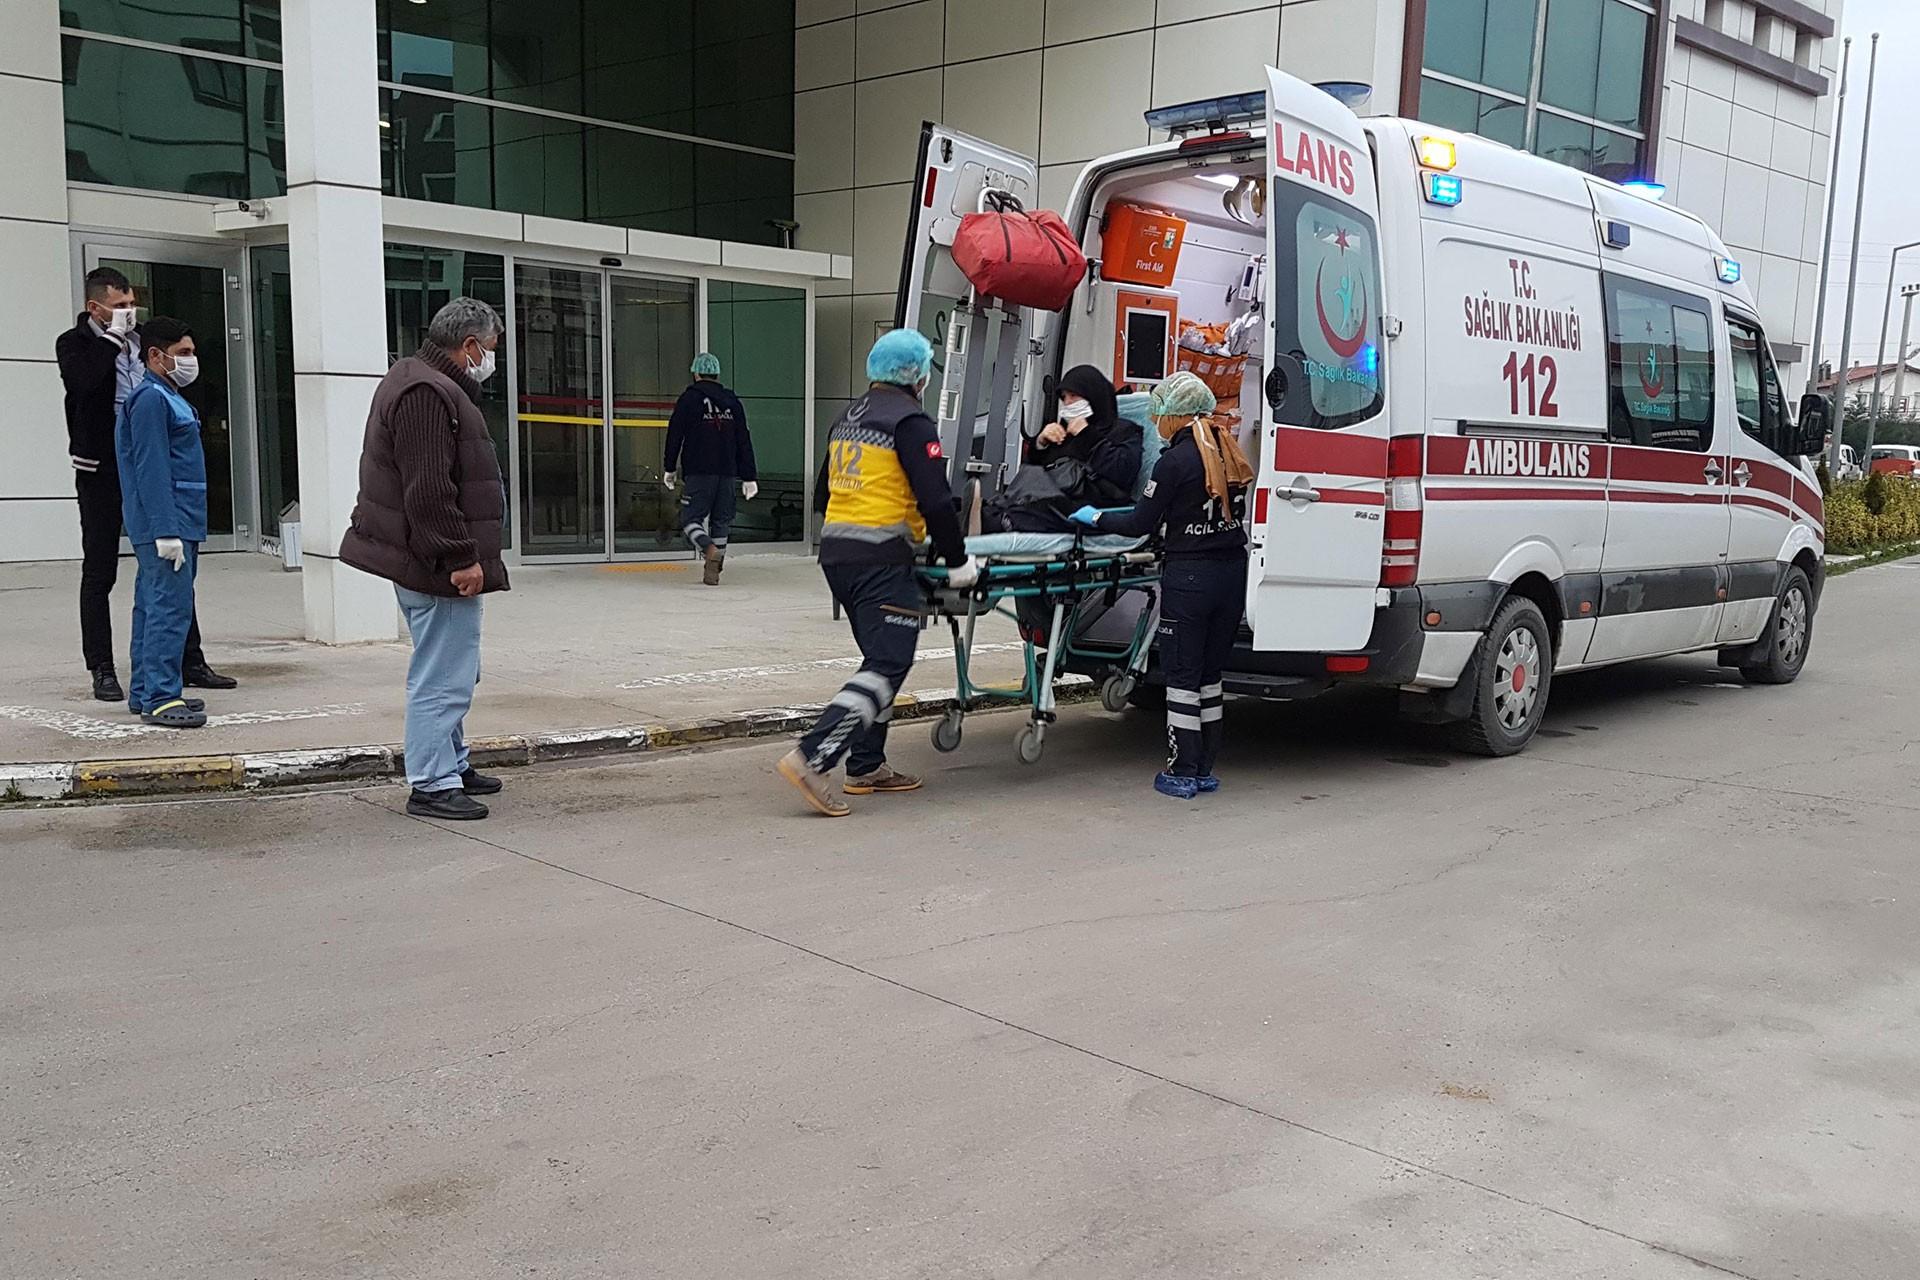 Koronavirüs şüphesiyle hastaneye kaldırılan kadın, sağlık çalışanları ve ambulans (sağda)